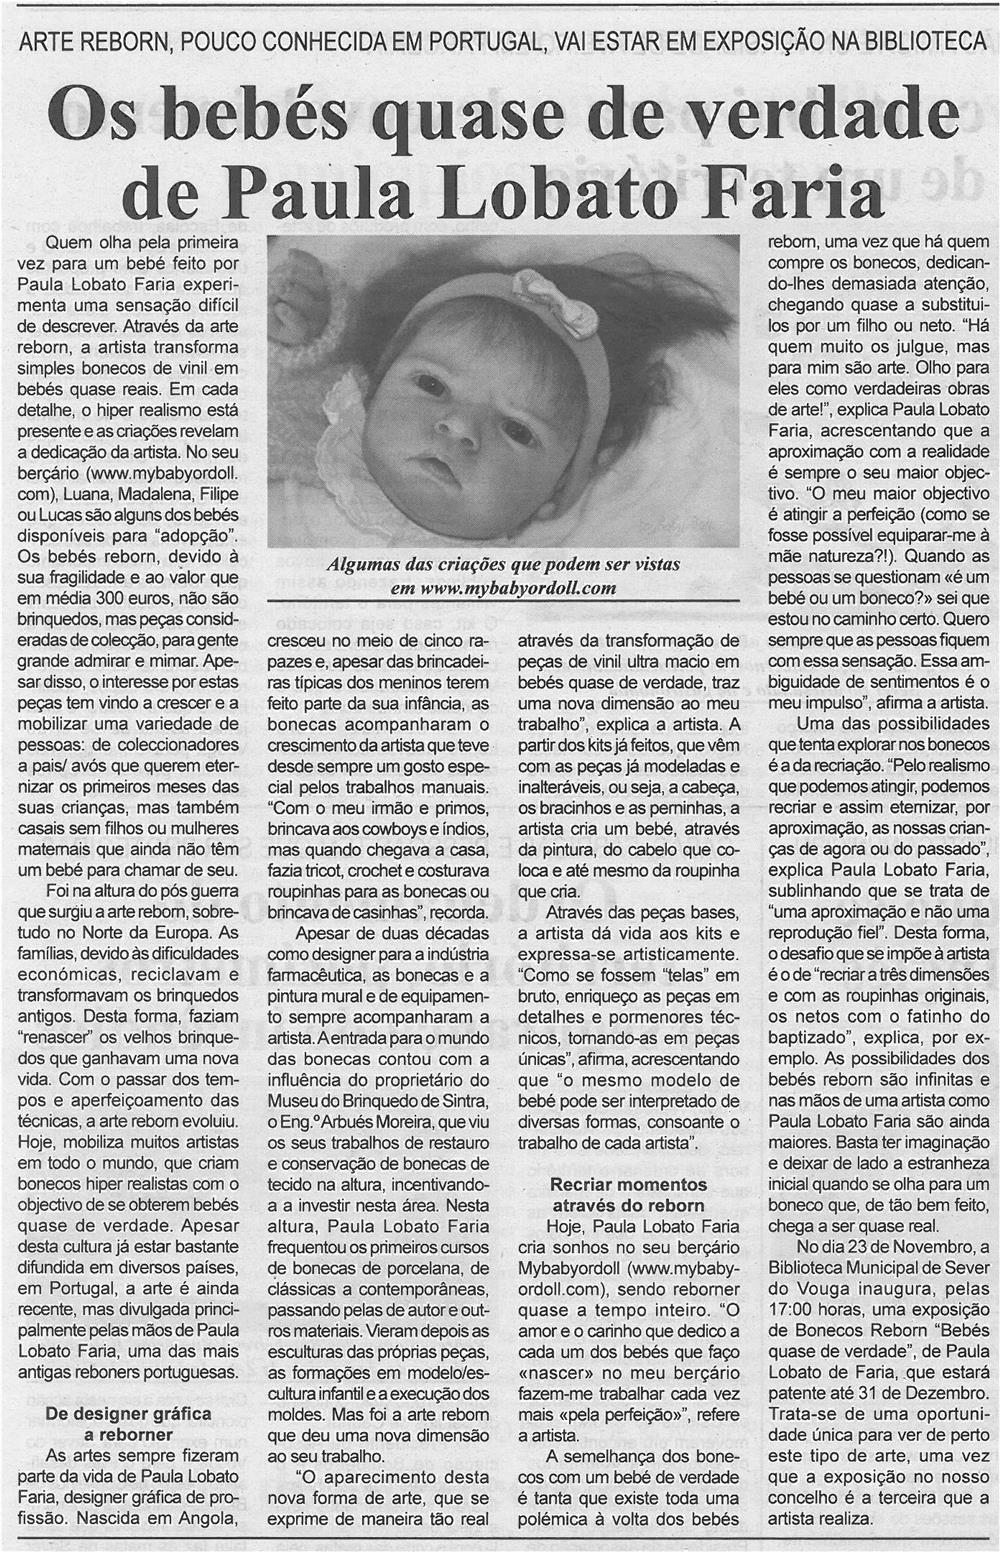 BV-2ªnov'13-p5-Os bebés quase de verdade de Paula Lobato Faria